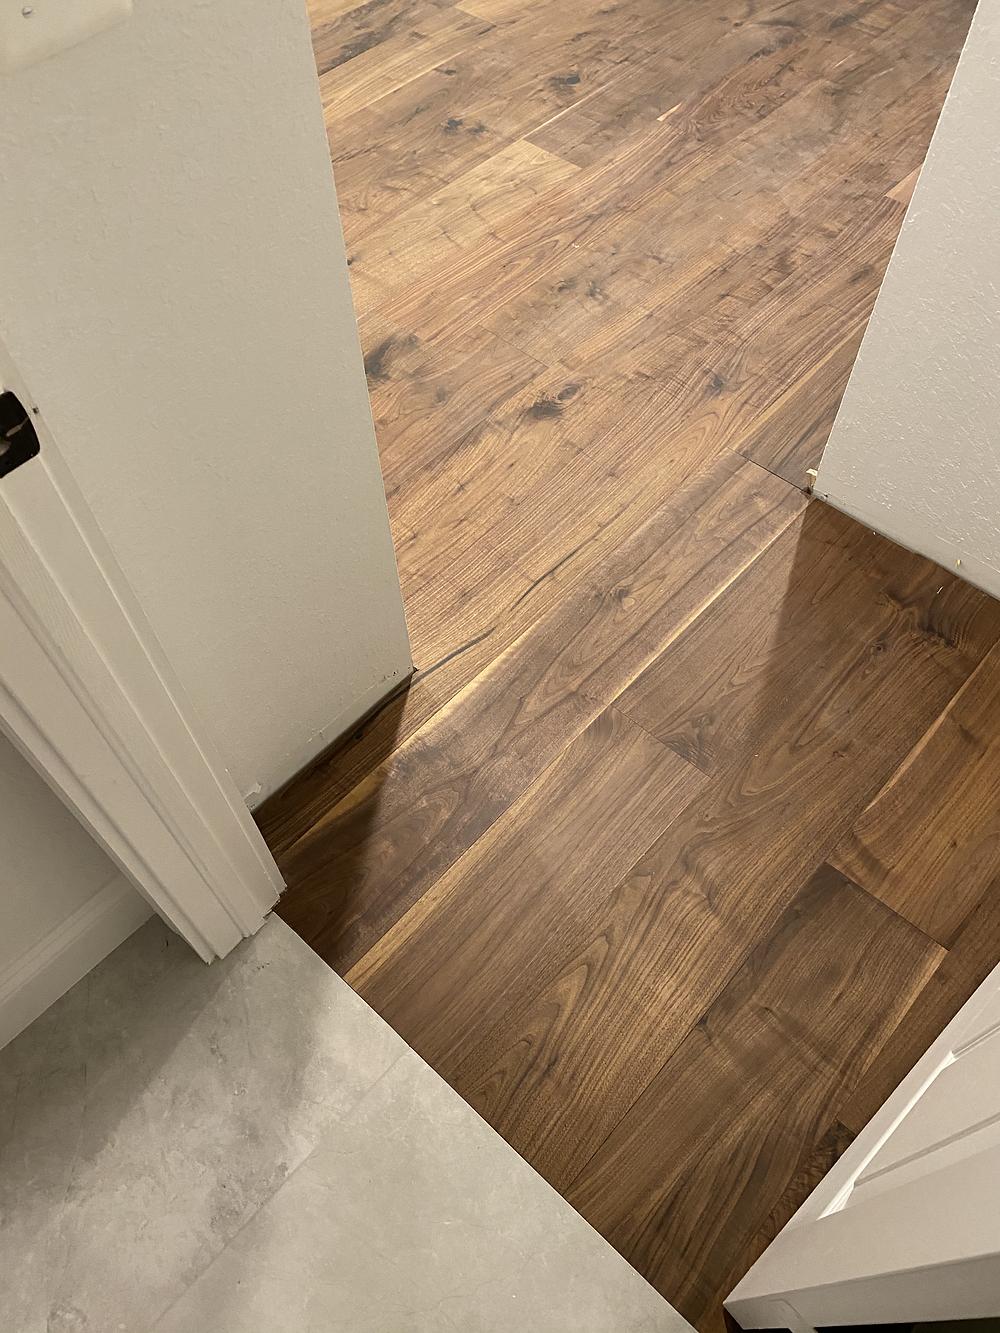 Brown walnut hardwood flooring trends 2021